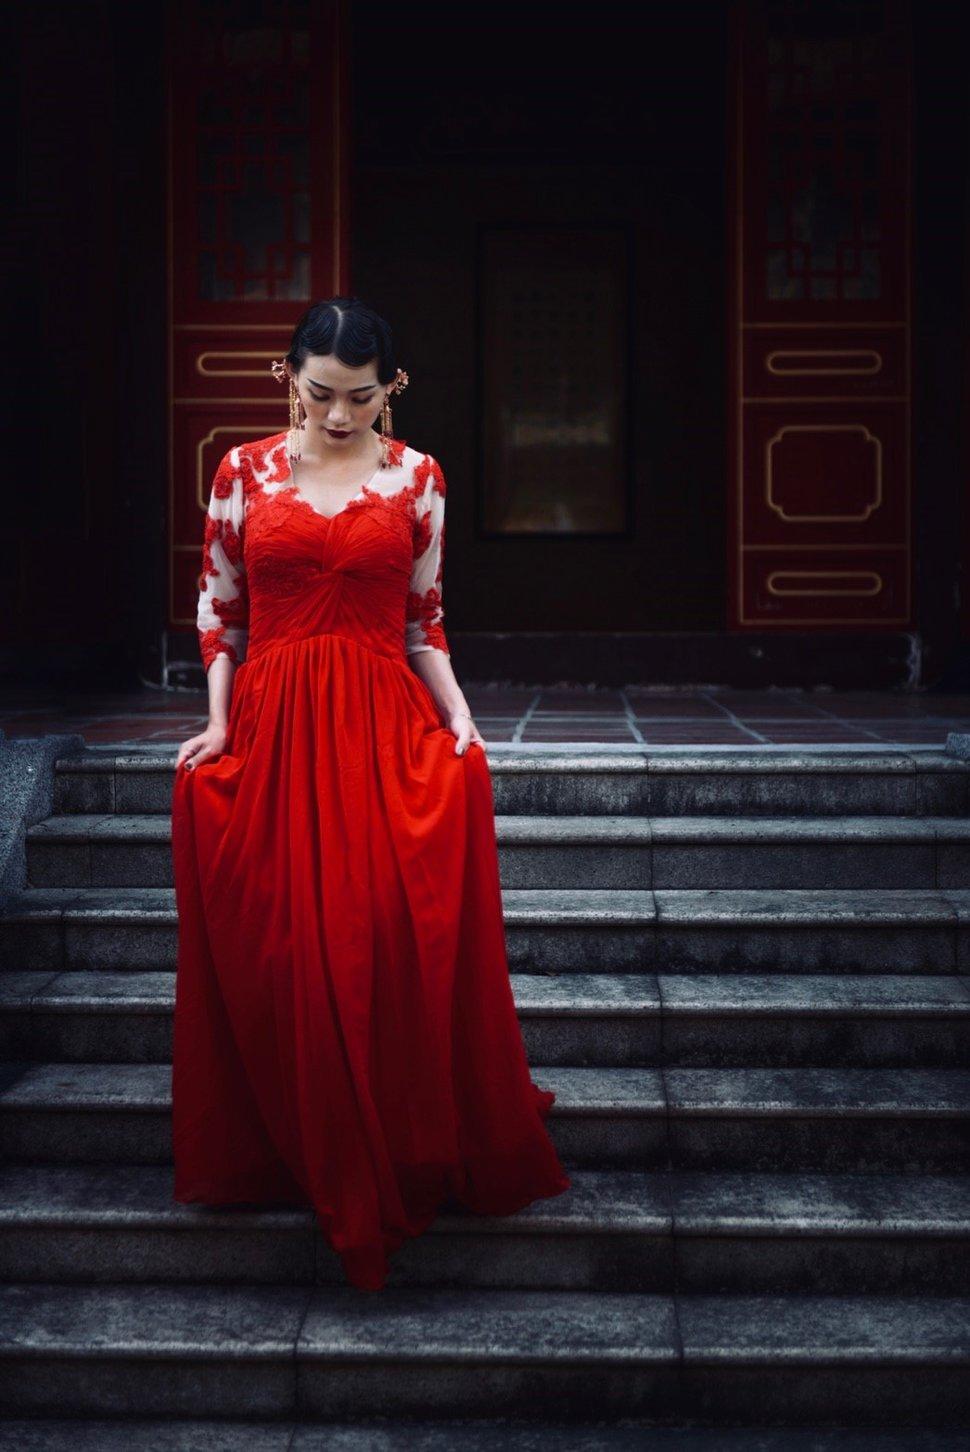 新年主題 By梵哲_190410_0025 - Zona時尚美甲x新娘秘書整體造型工作室《結婚吧》